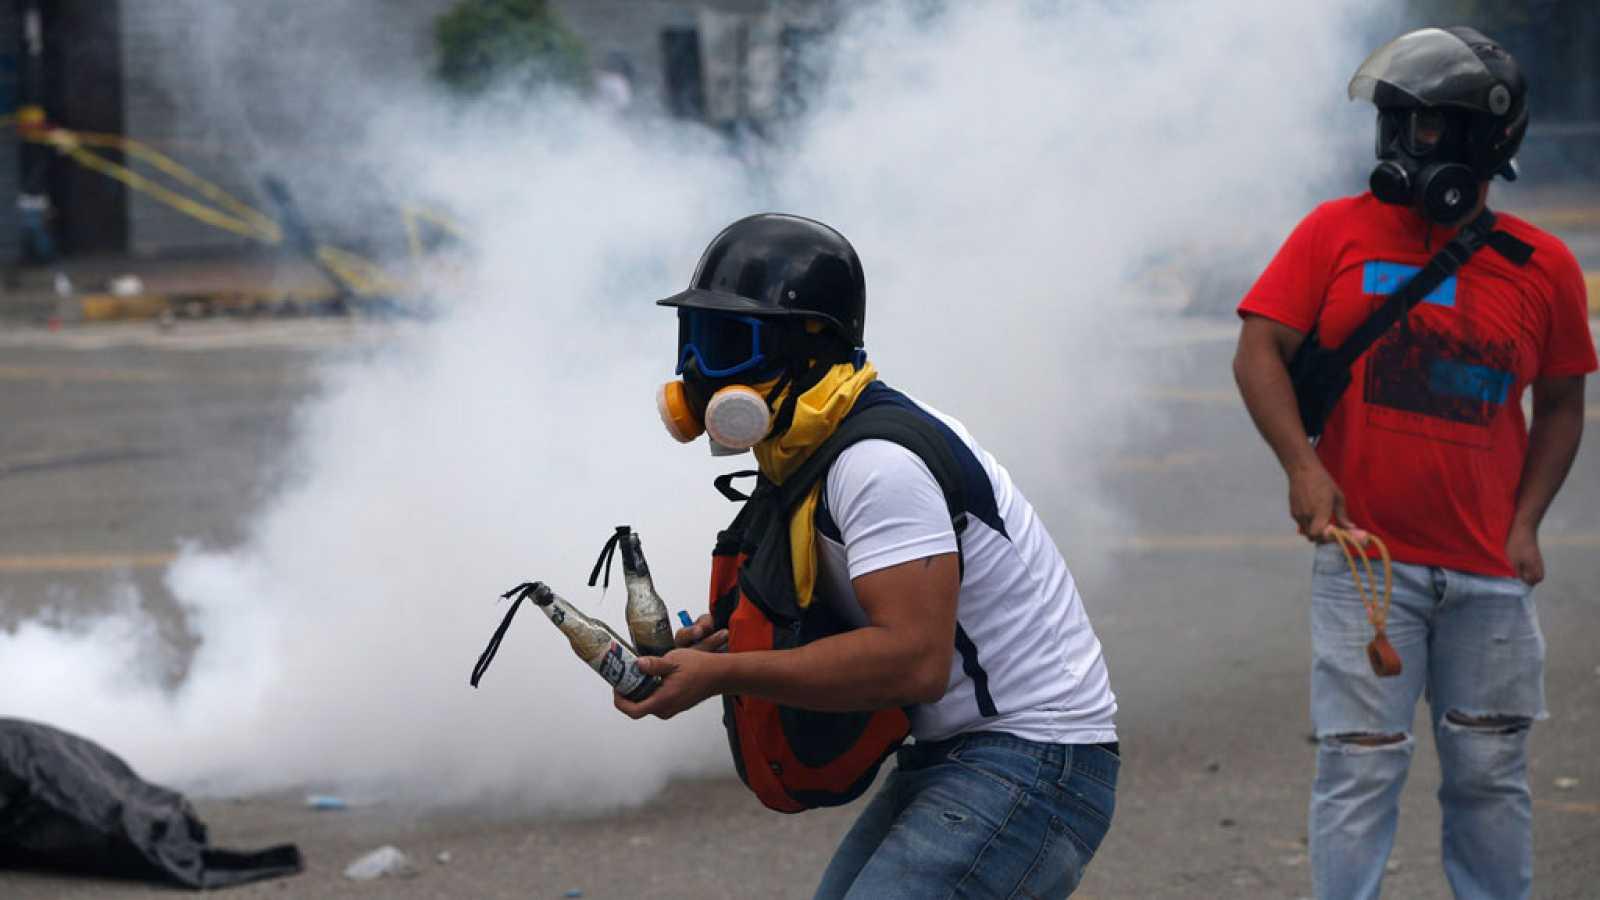 Una parte del centro de Caracas se convierte en un campo de batalla